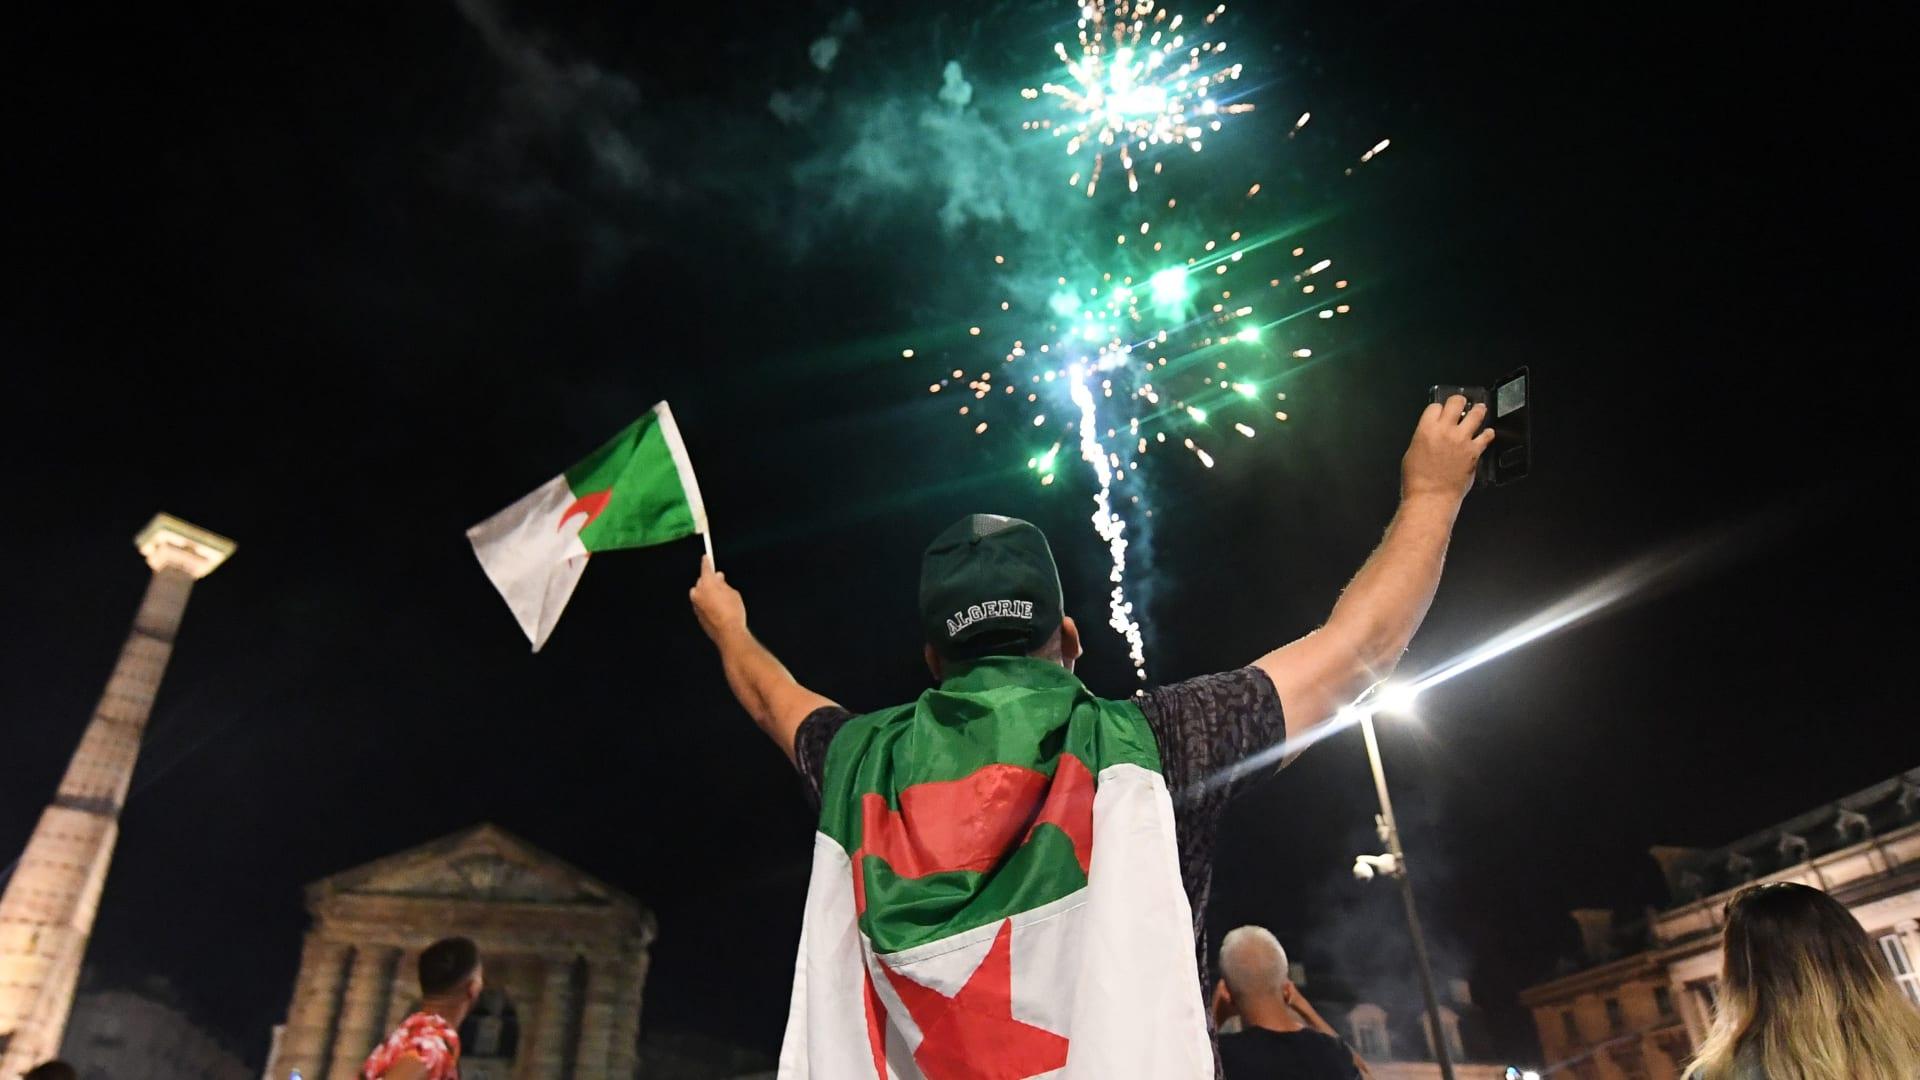 مسؤول مصري يرد لـCNN.. هل هناك علاقة بين شغب جماهير الجزائر وقرار تعليق الرحلات إلى القاهرة؟